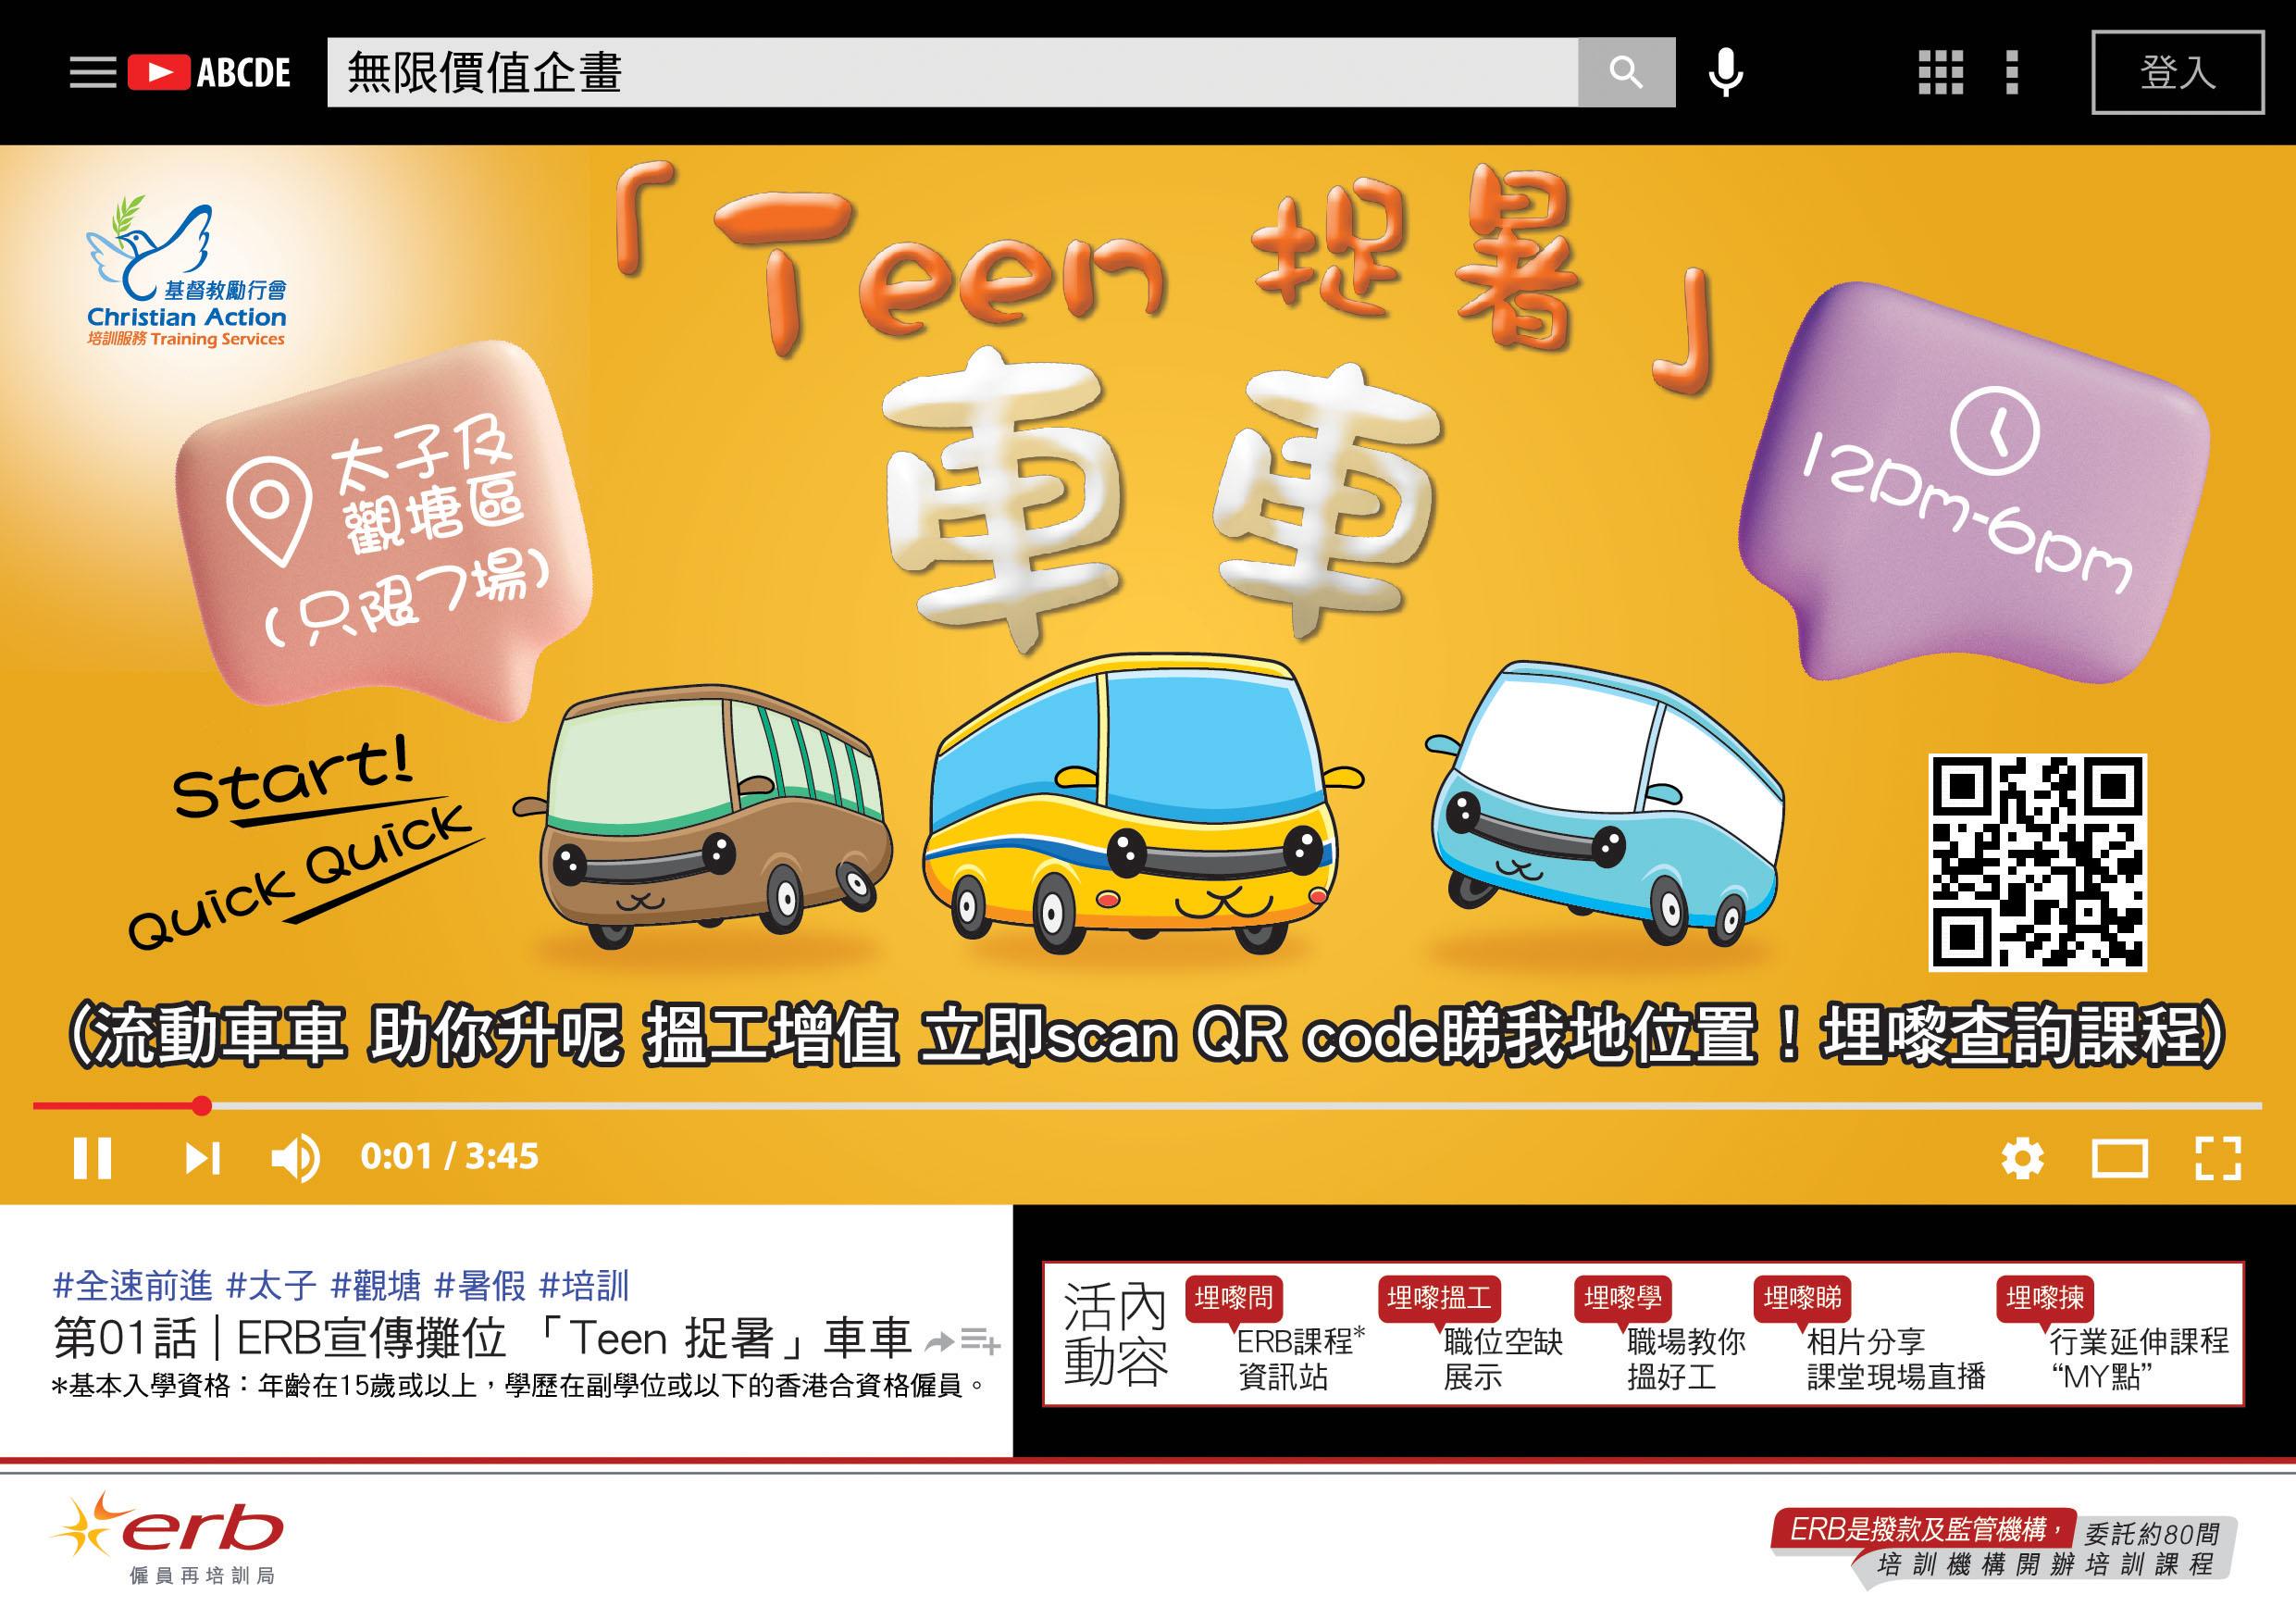 宣傳攤位 -  「Teen捉暑」車車